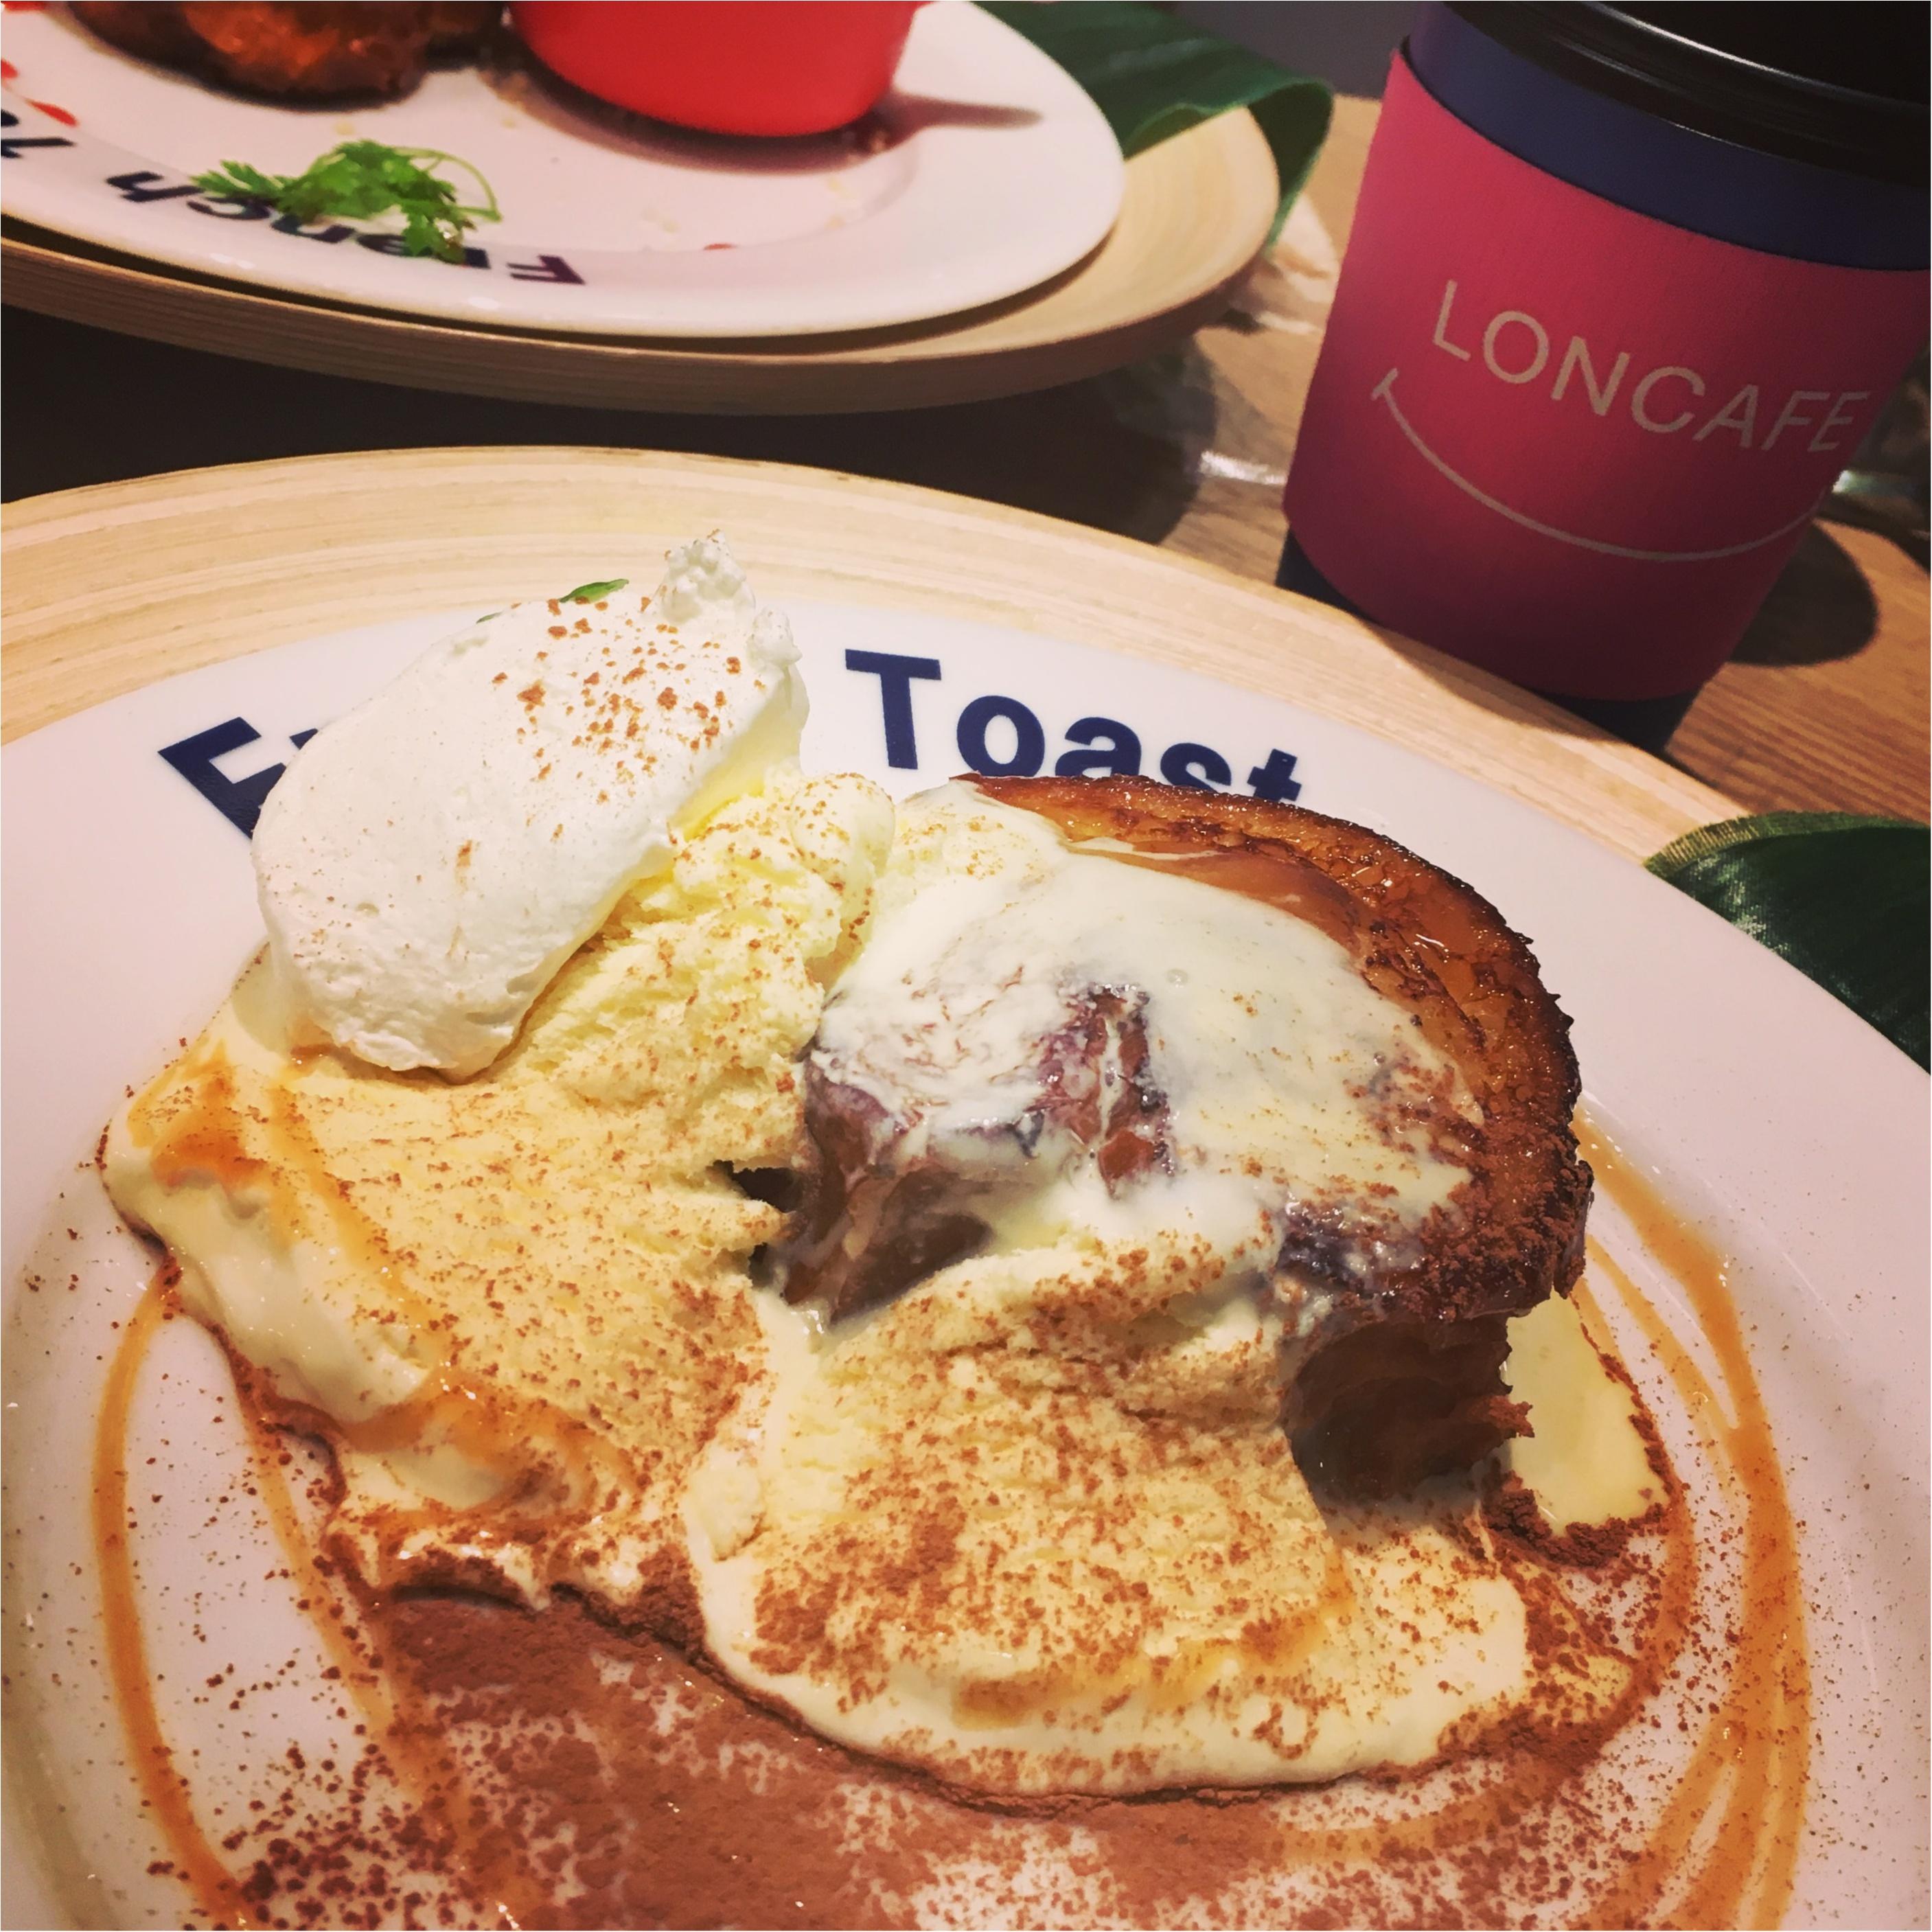 私のとある土曜日の過ごし方。【話題のあの店】日本で初めてのフレンチトースト専門店!_4